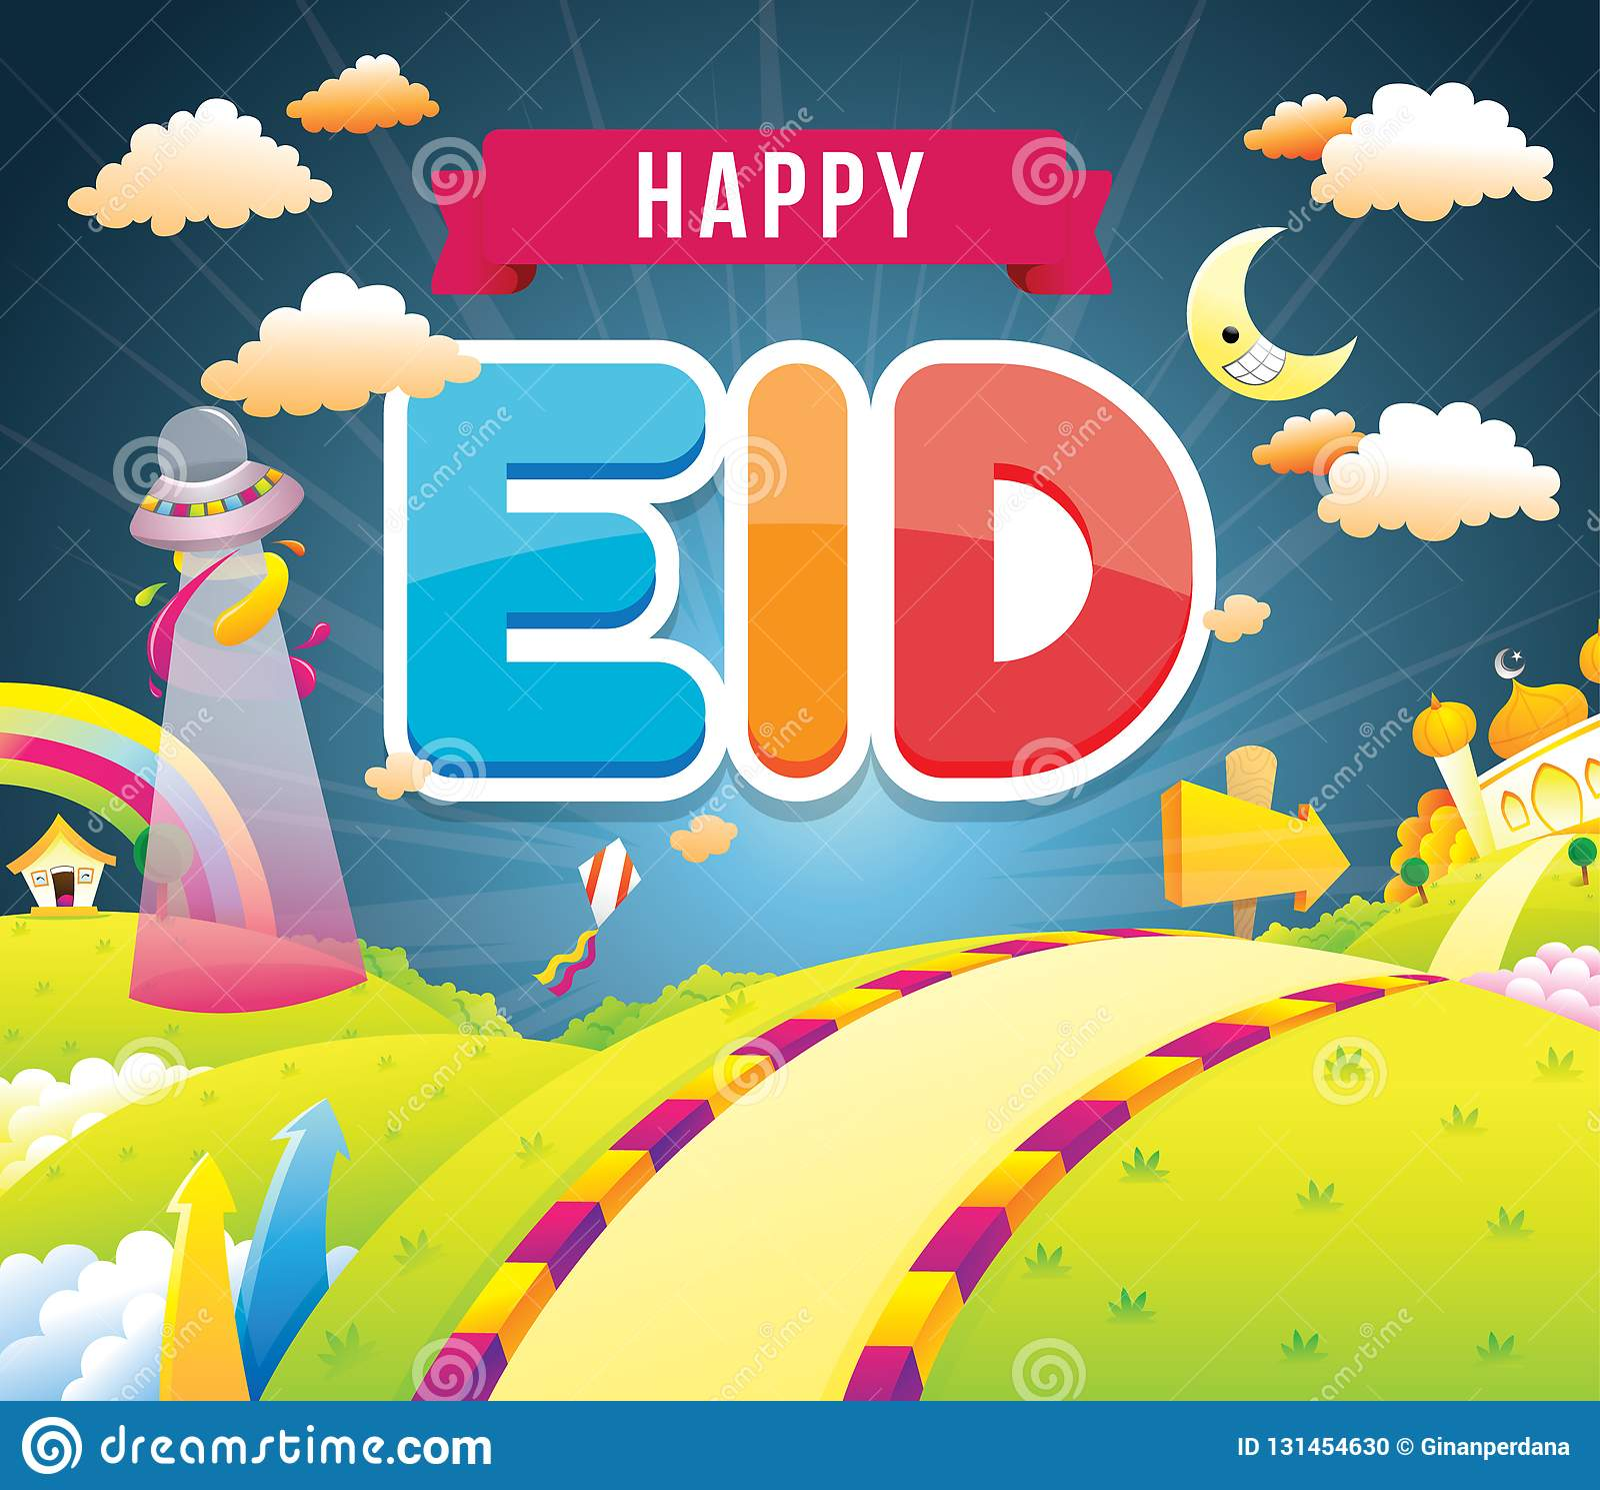 Illustratie van gelukkige eid met moskee